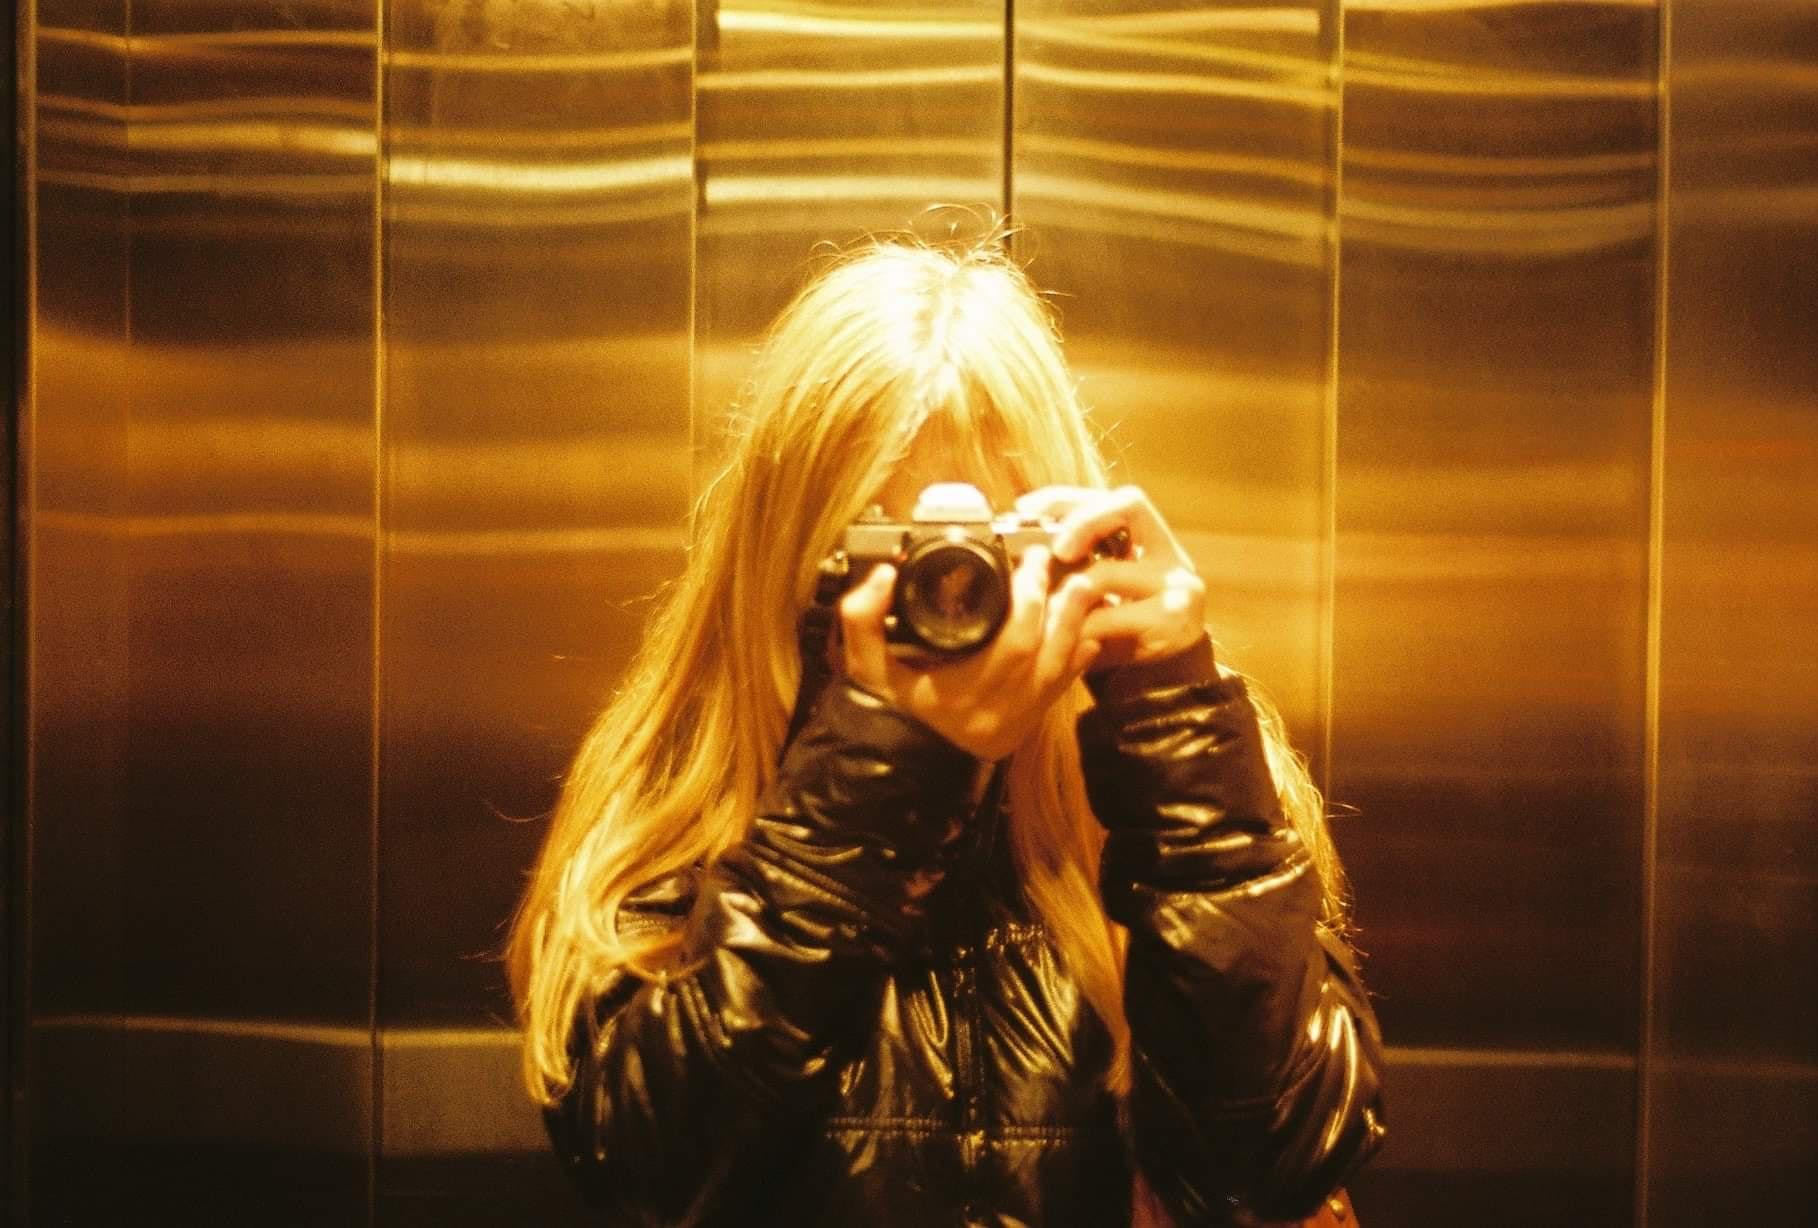 Go to Semina Psichogiopoulou's profile